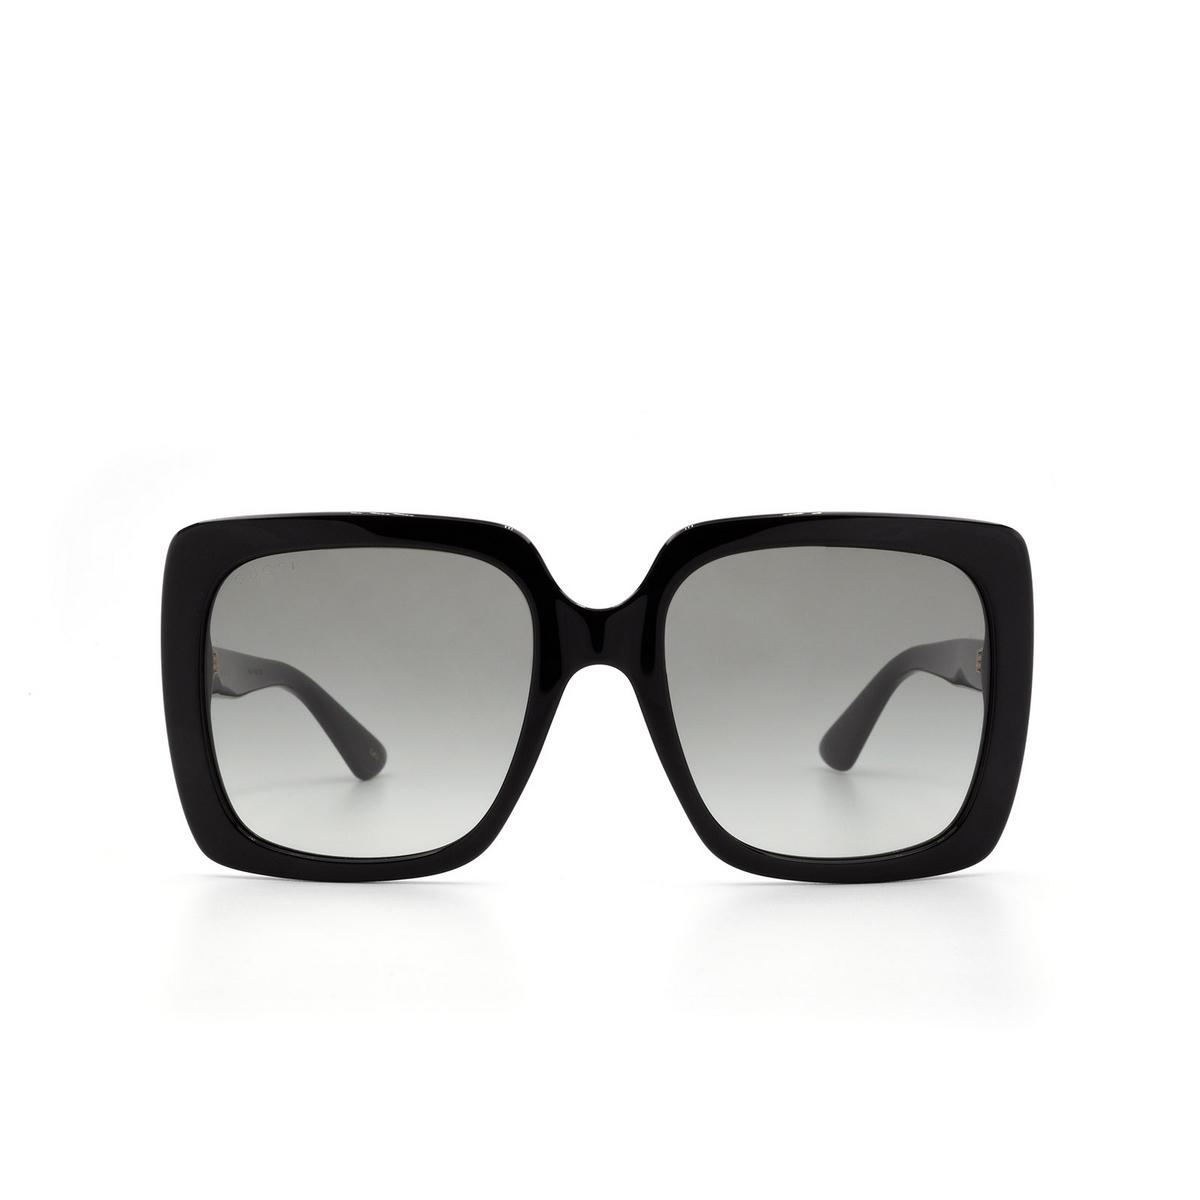 Gucci® Square Sunglasses: GG0418S color Black 001 - 1/3.